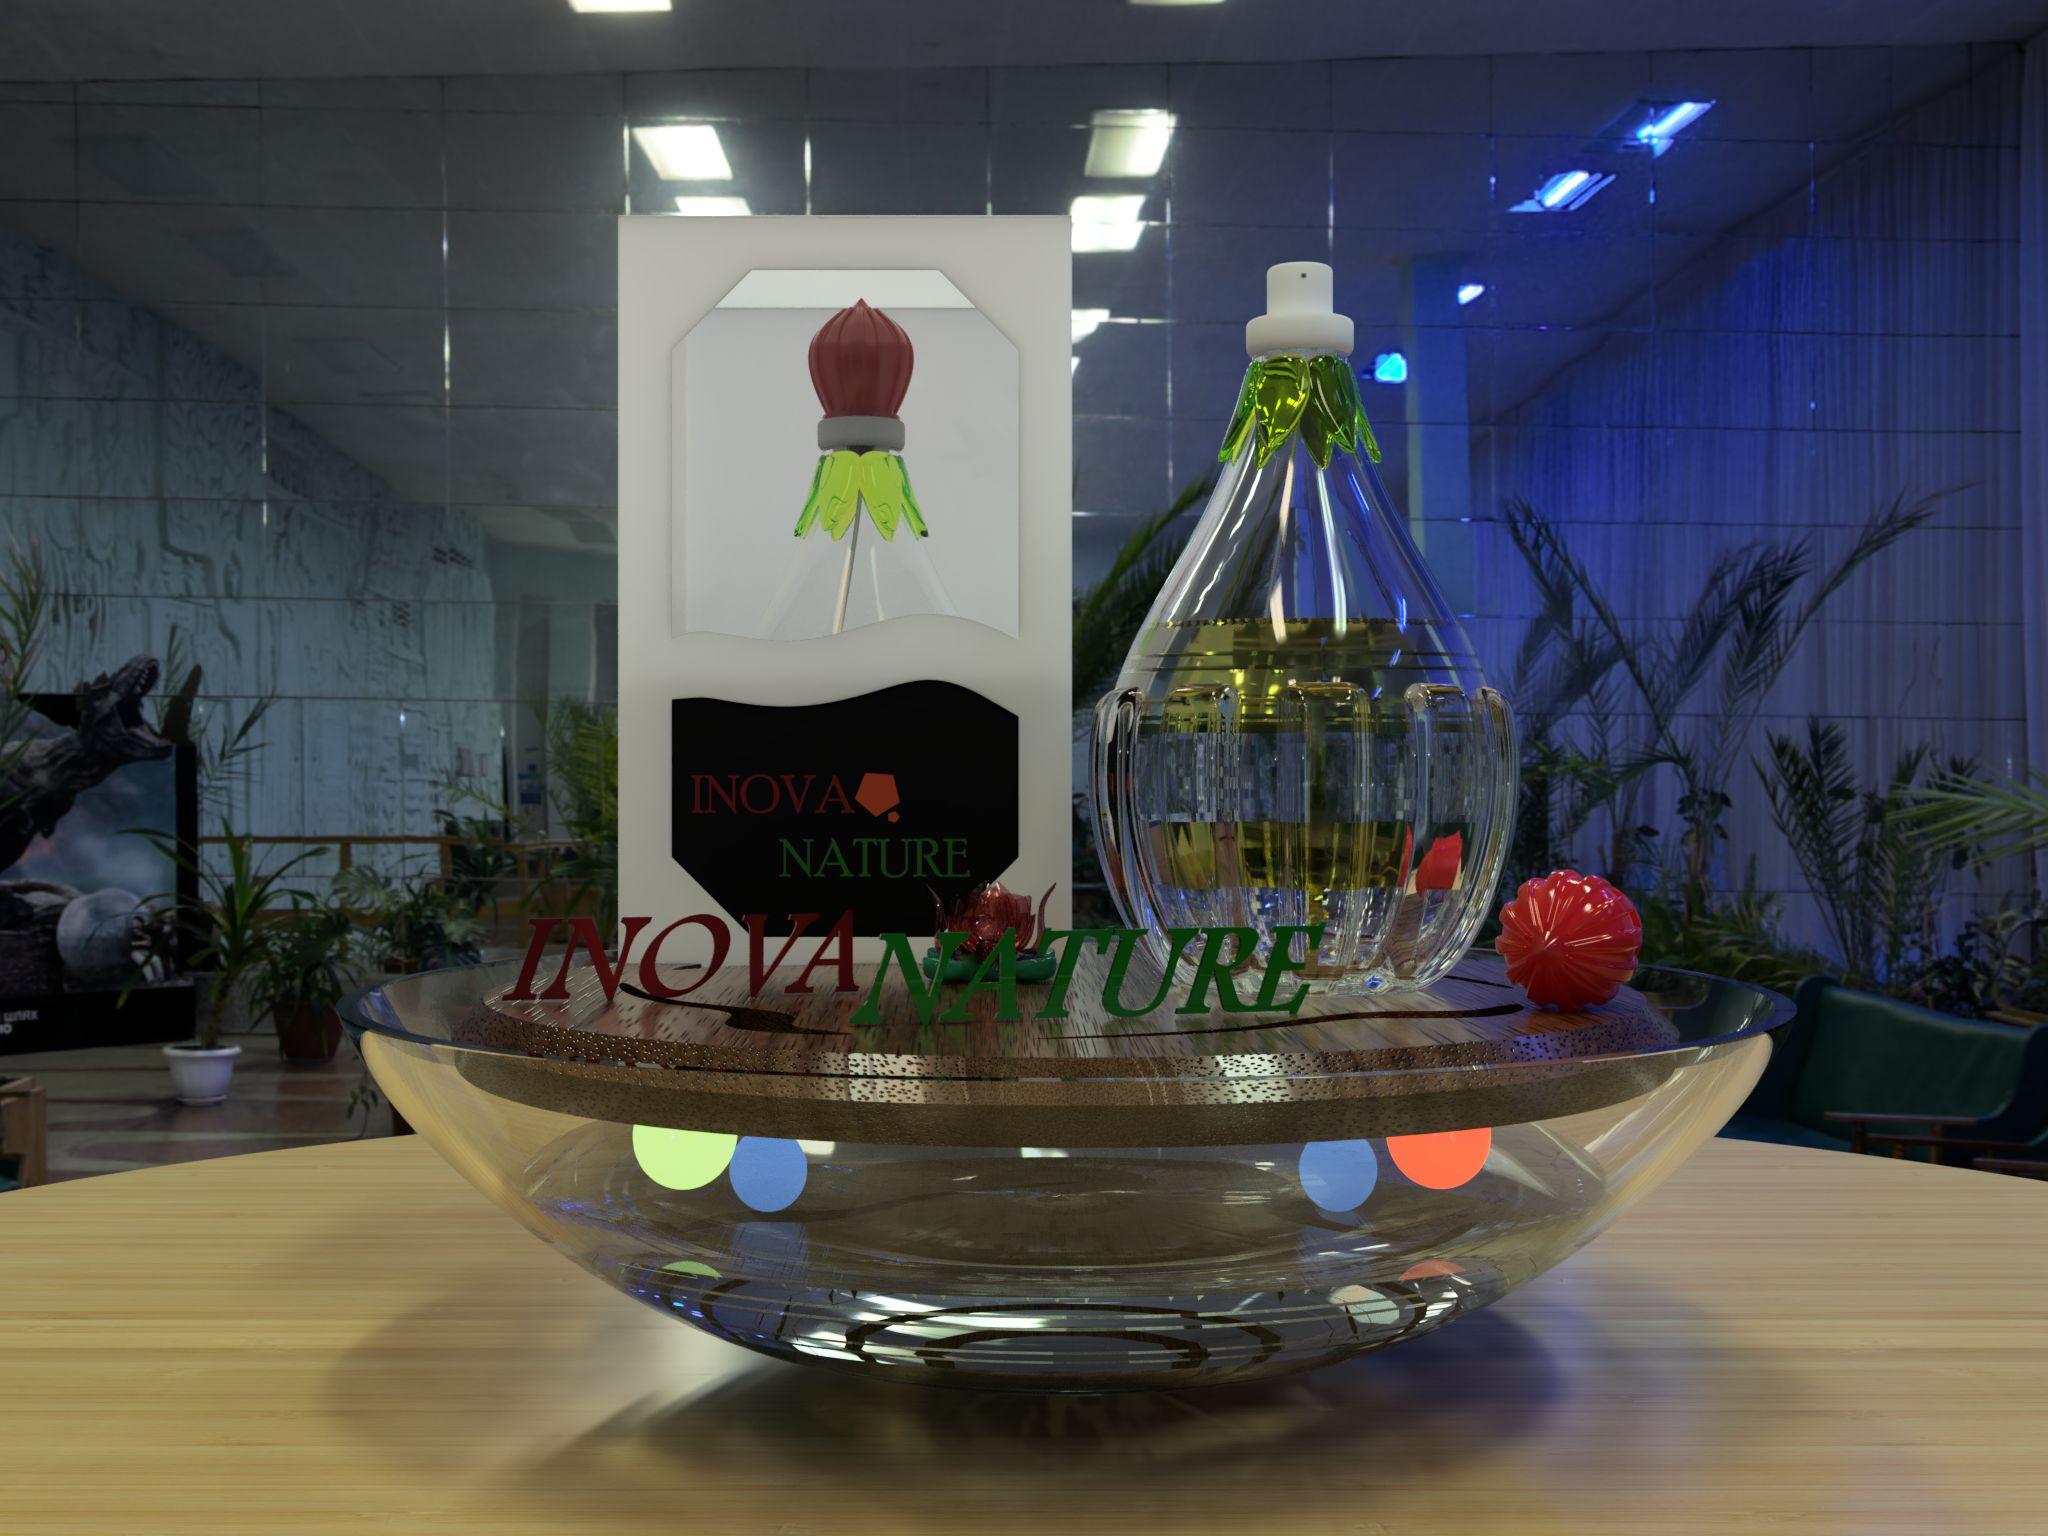 Envase-de-perfume-2-2019-oct-14-07-07-02am-000-customizedview54642431760-png-3500-3500